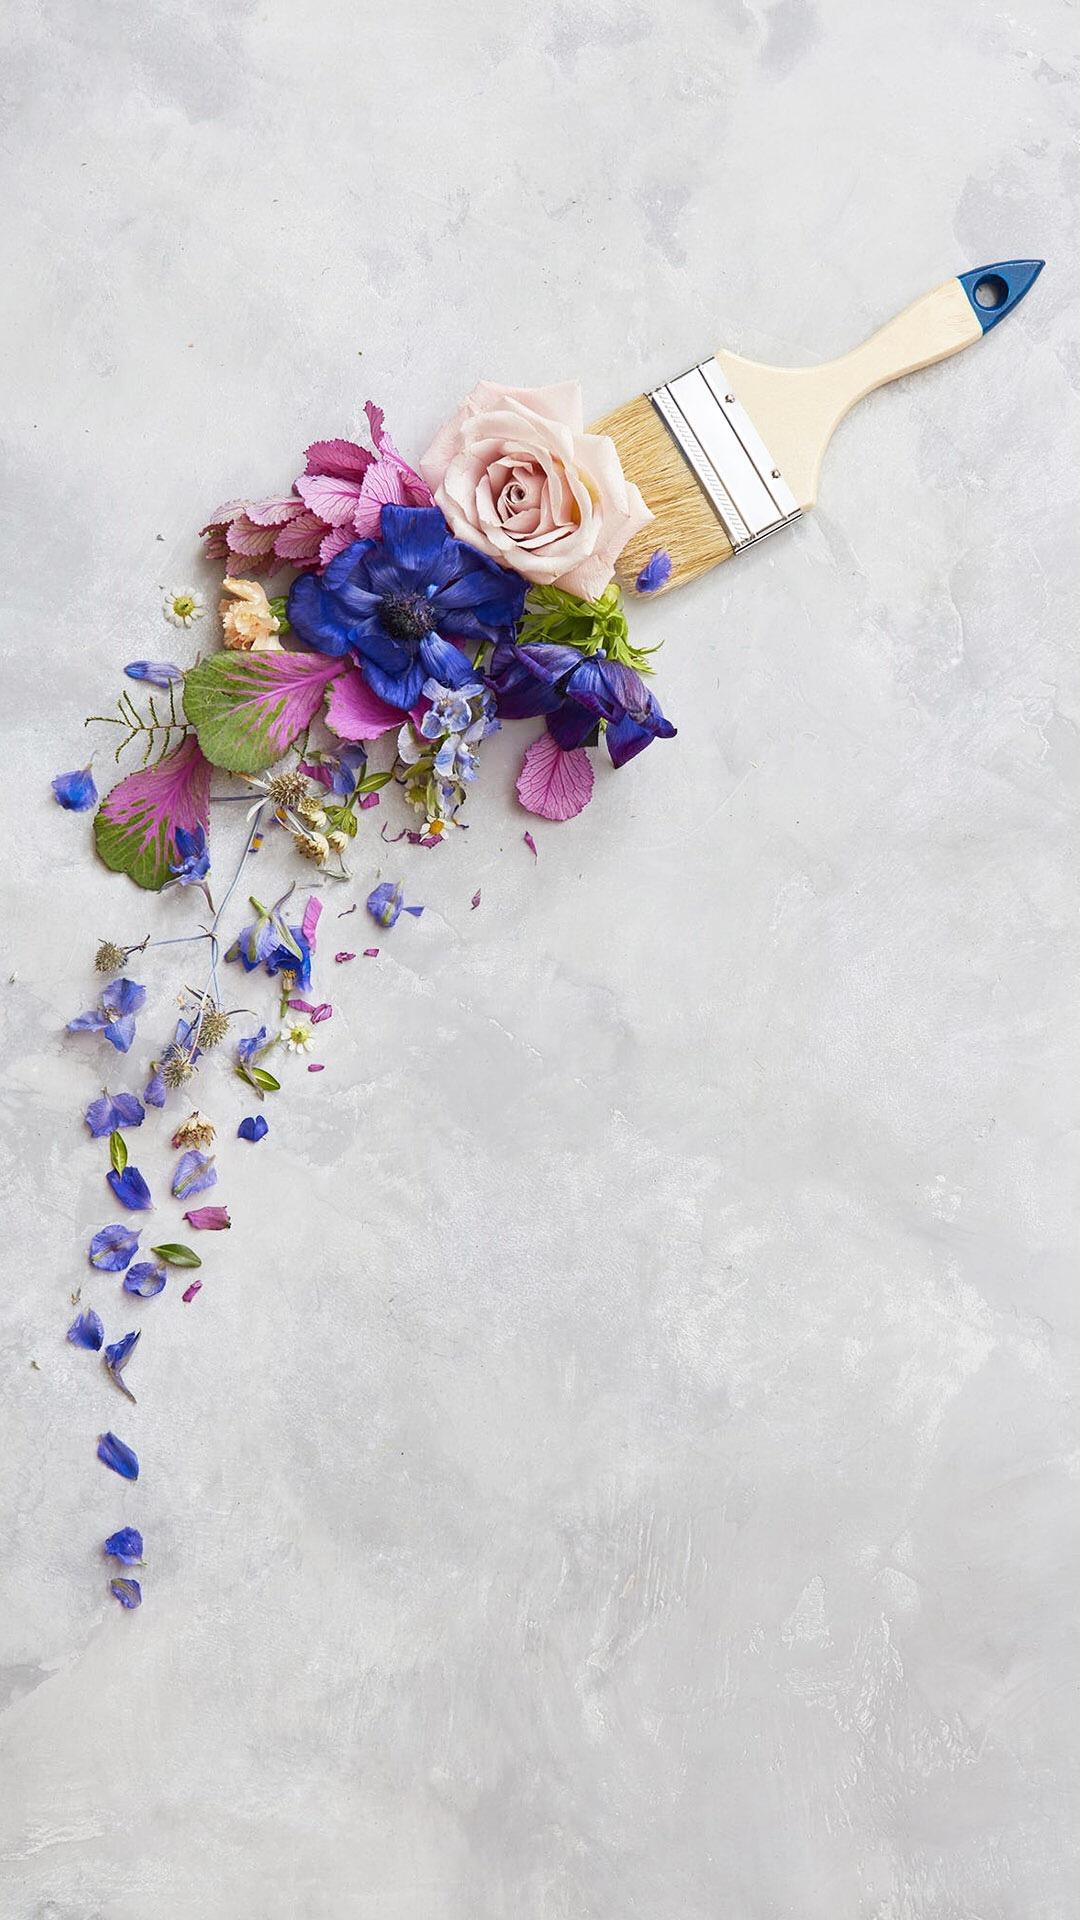 鲜花纯色背景图片